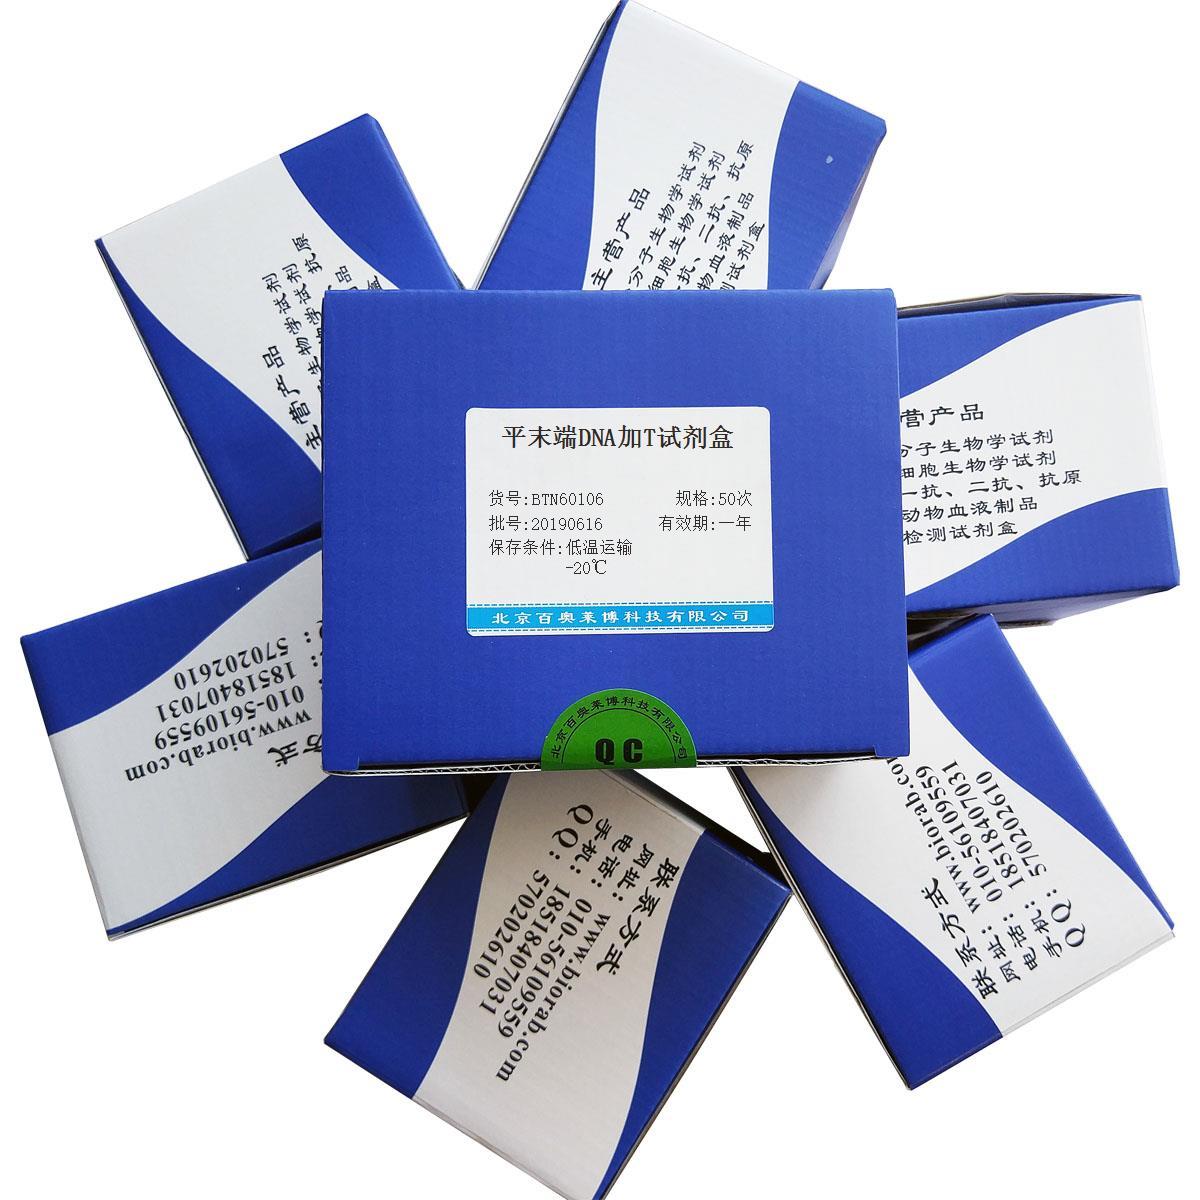 平末端DNA加T试剂盒现货供应